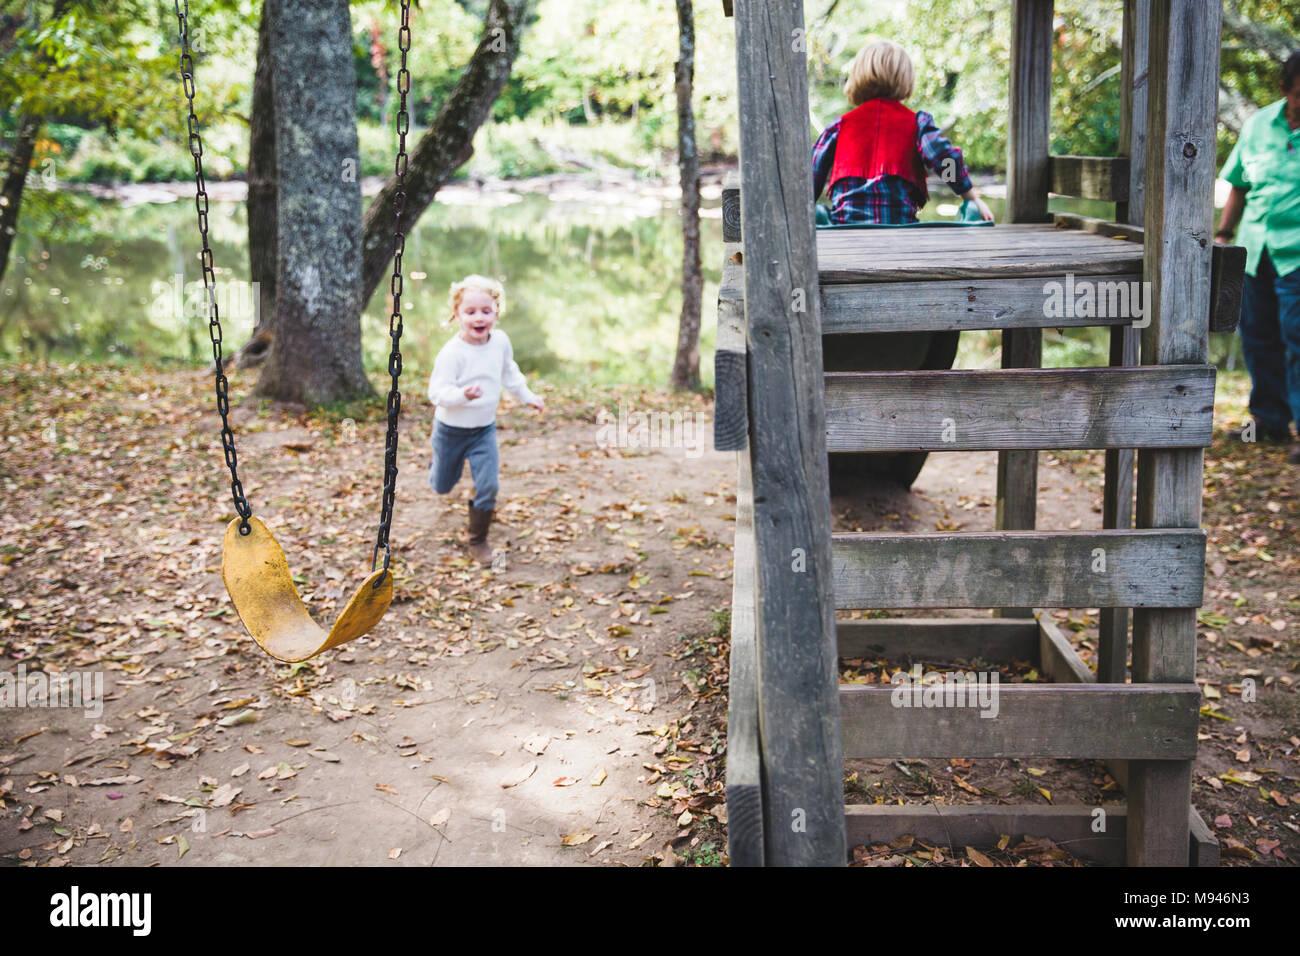 Les enfants dans une aire de forêt Photo Stock